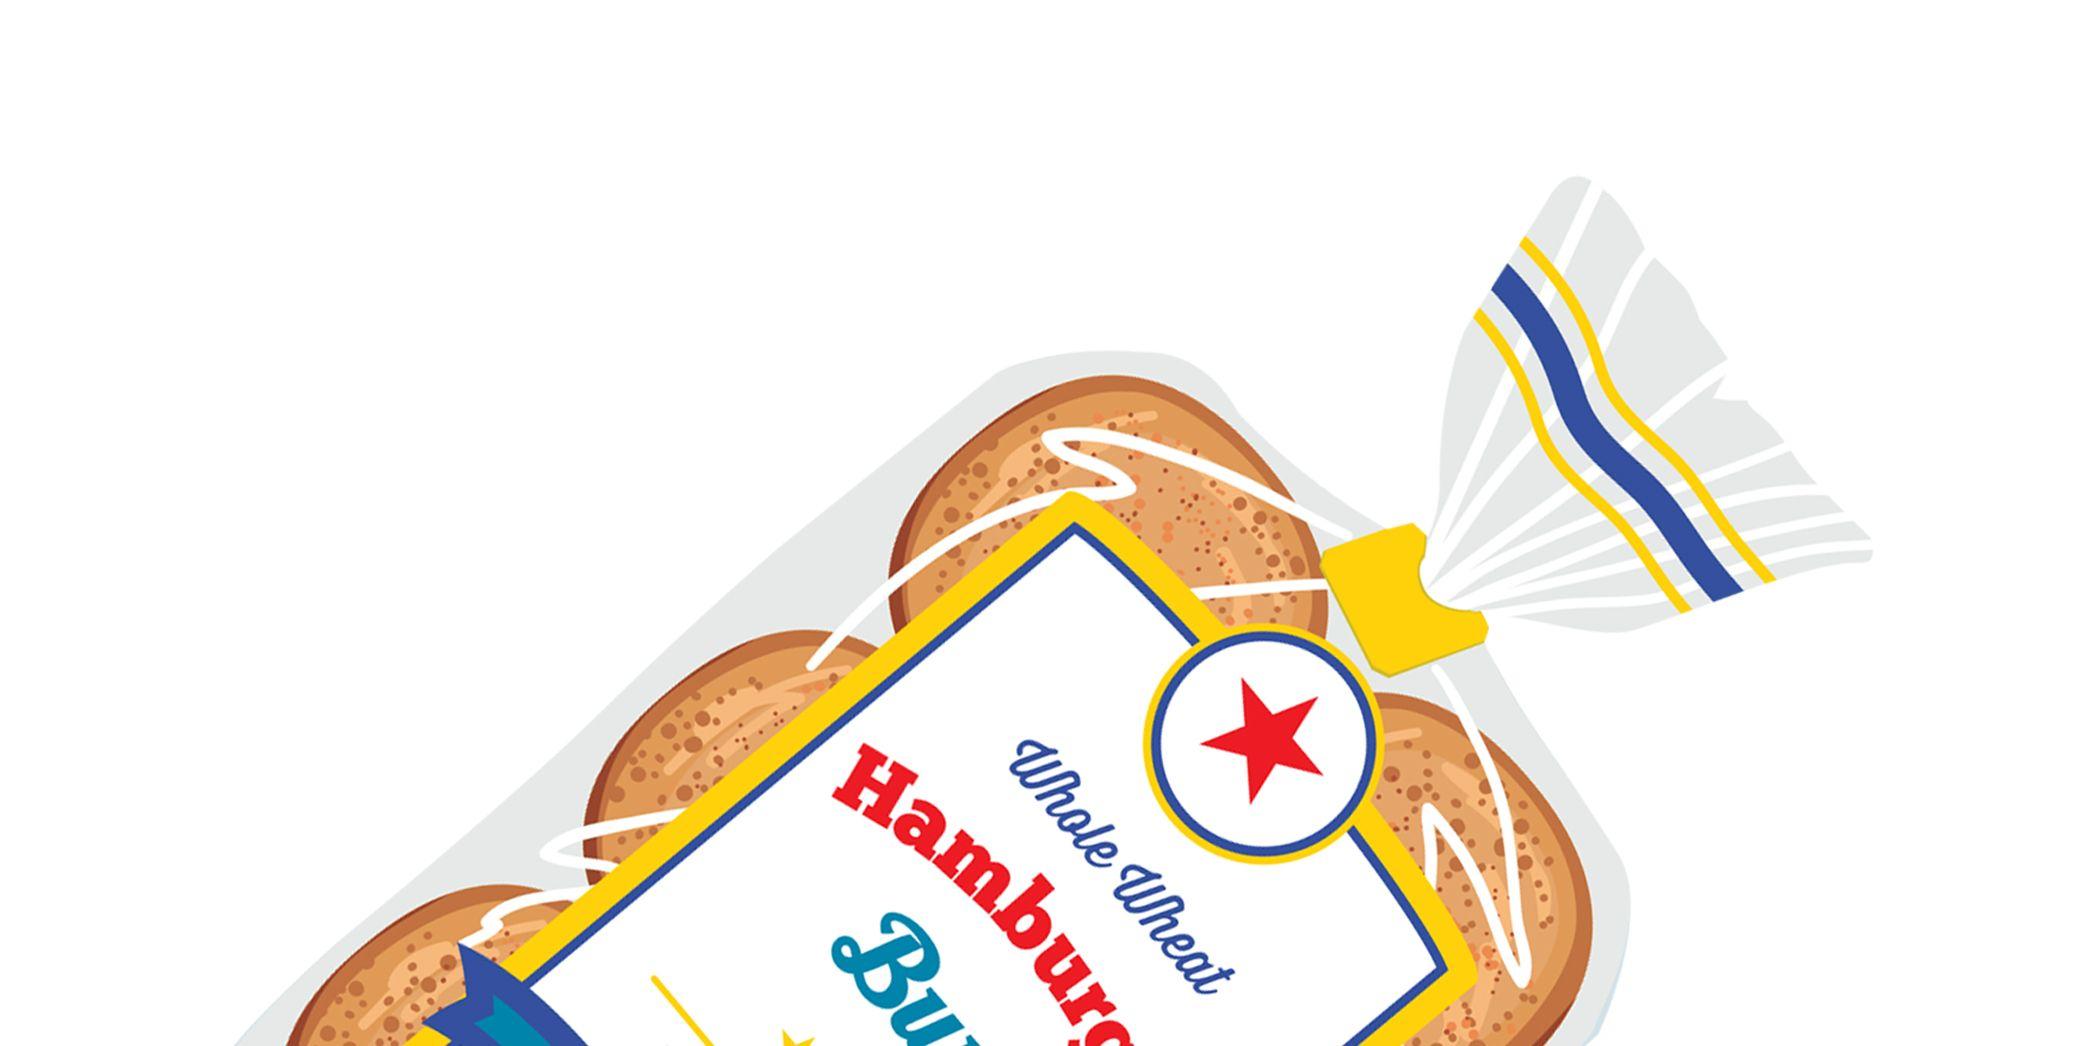 Bread twist ties